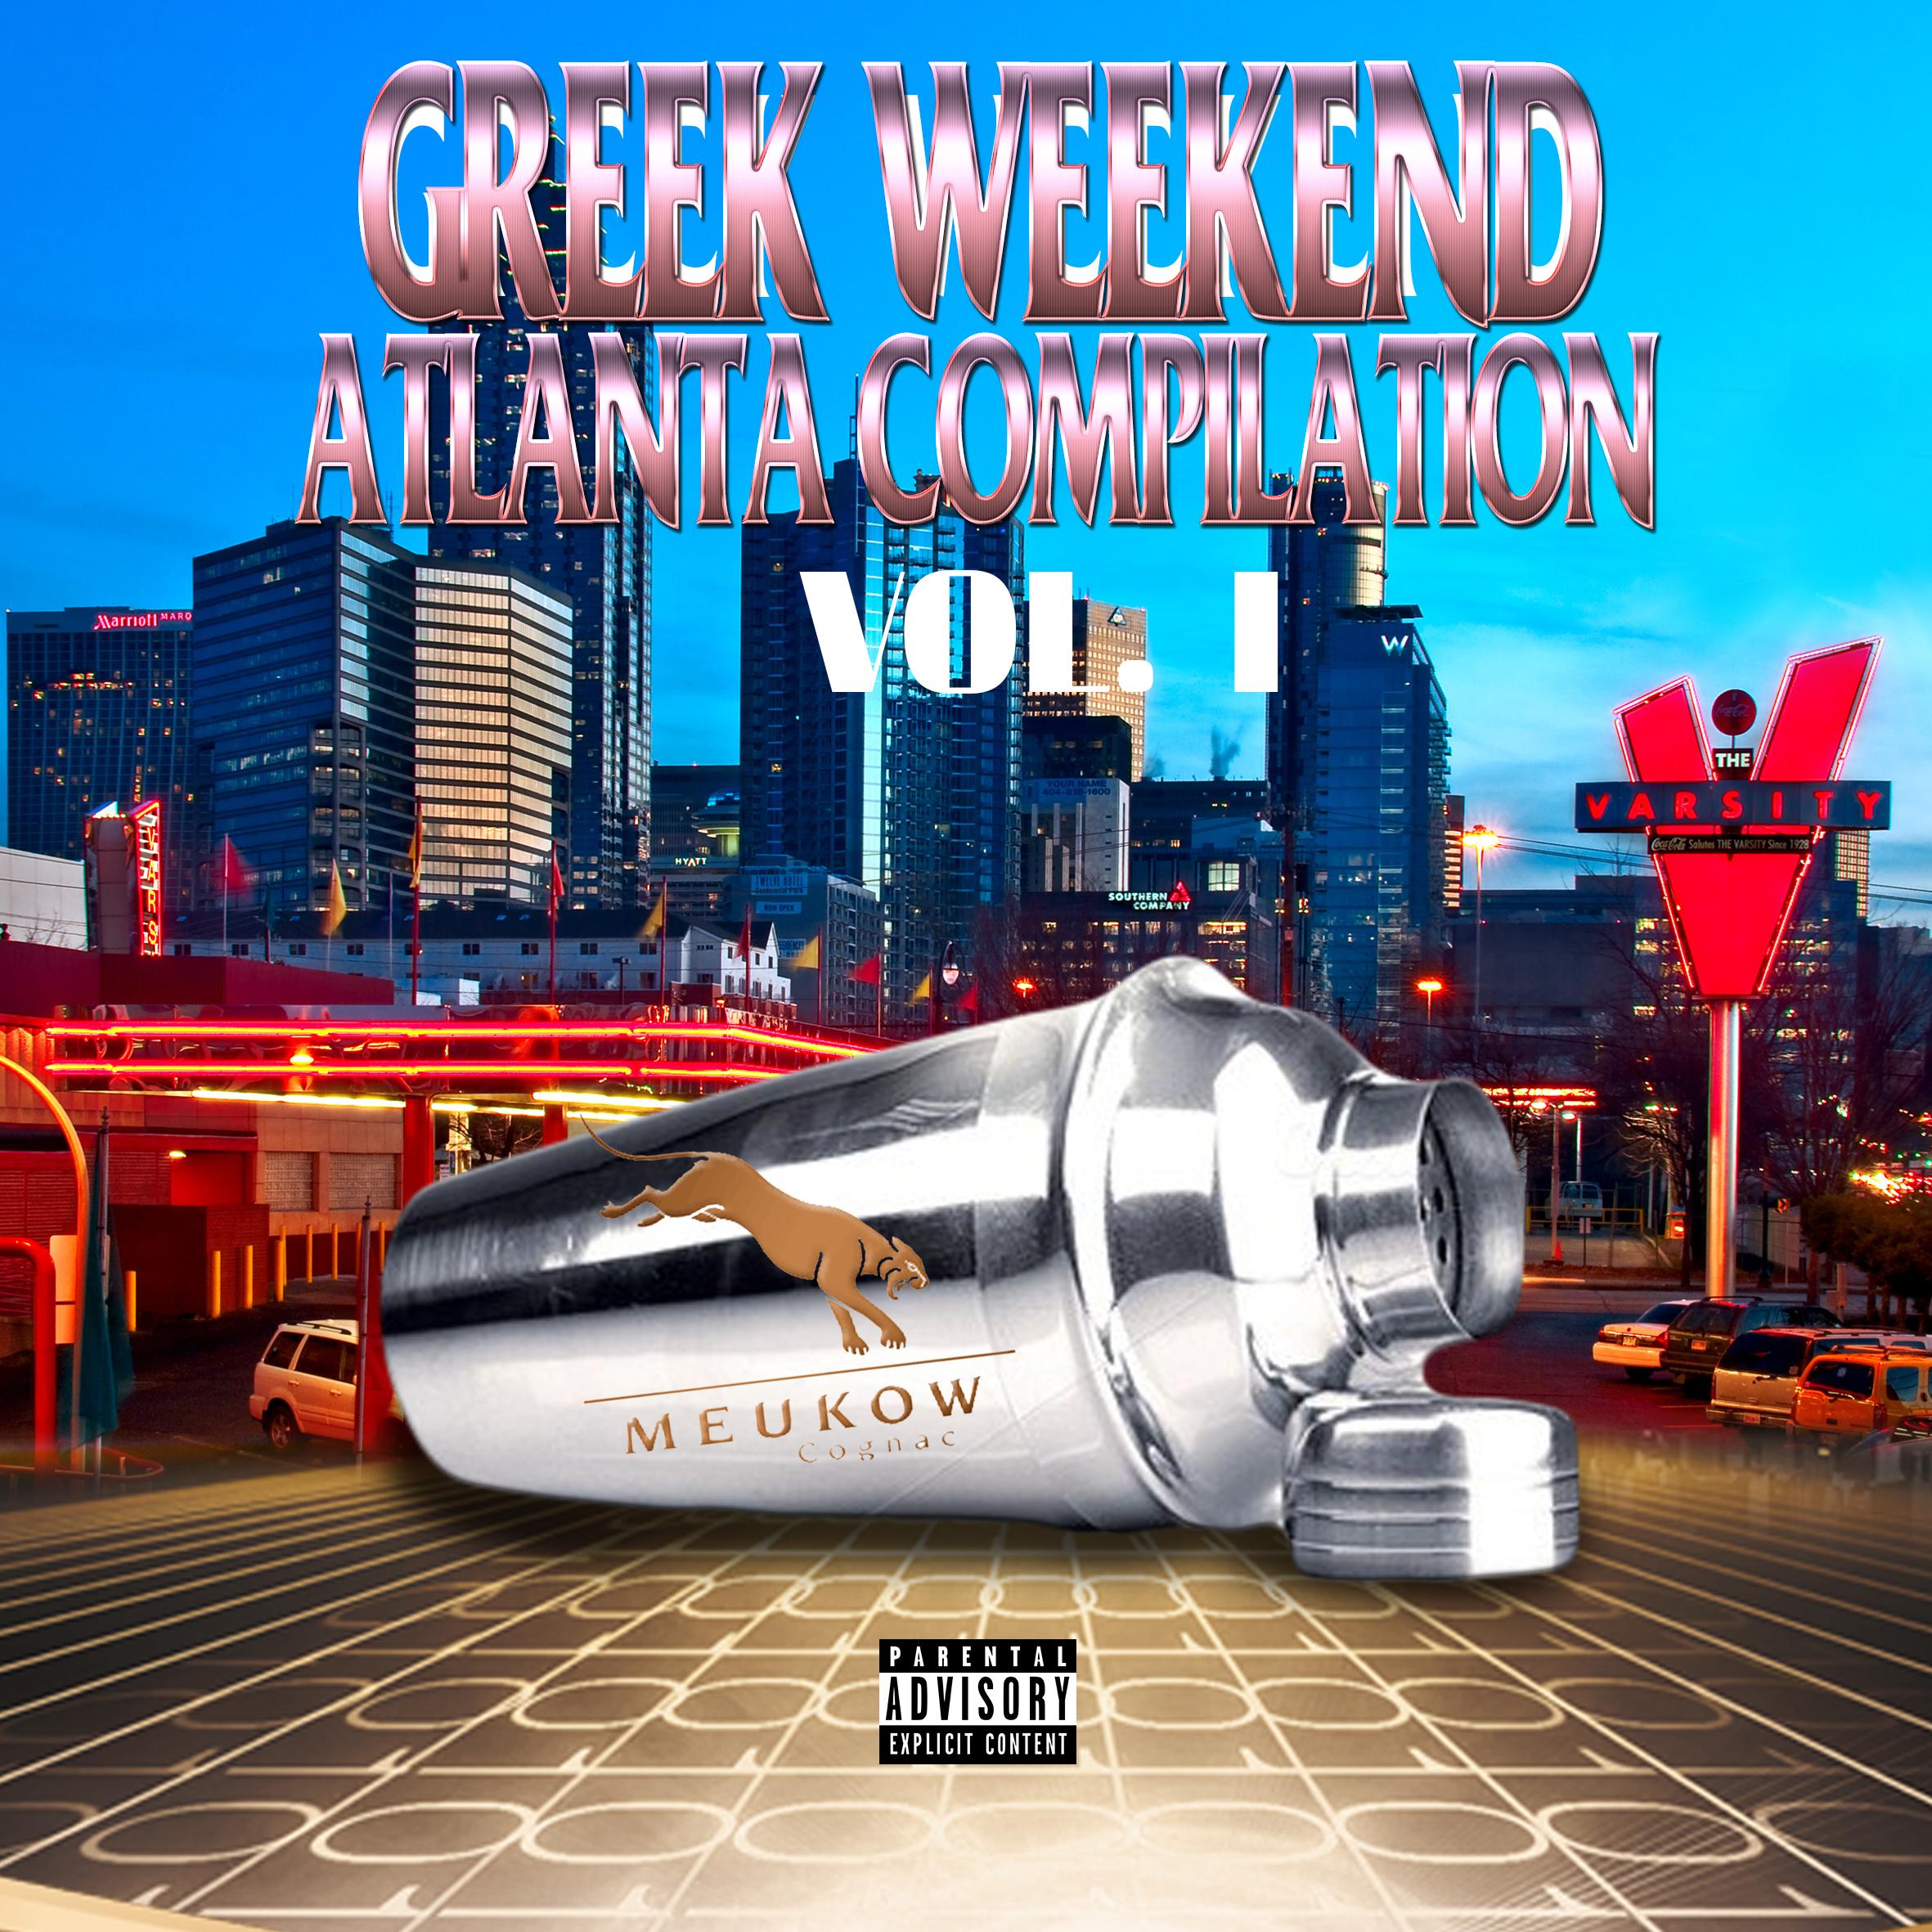 GREEK WEEKEND ATLANTA COMPILATION